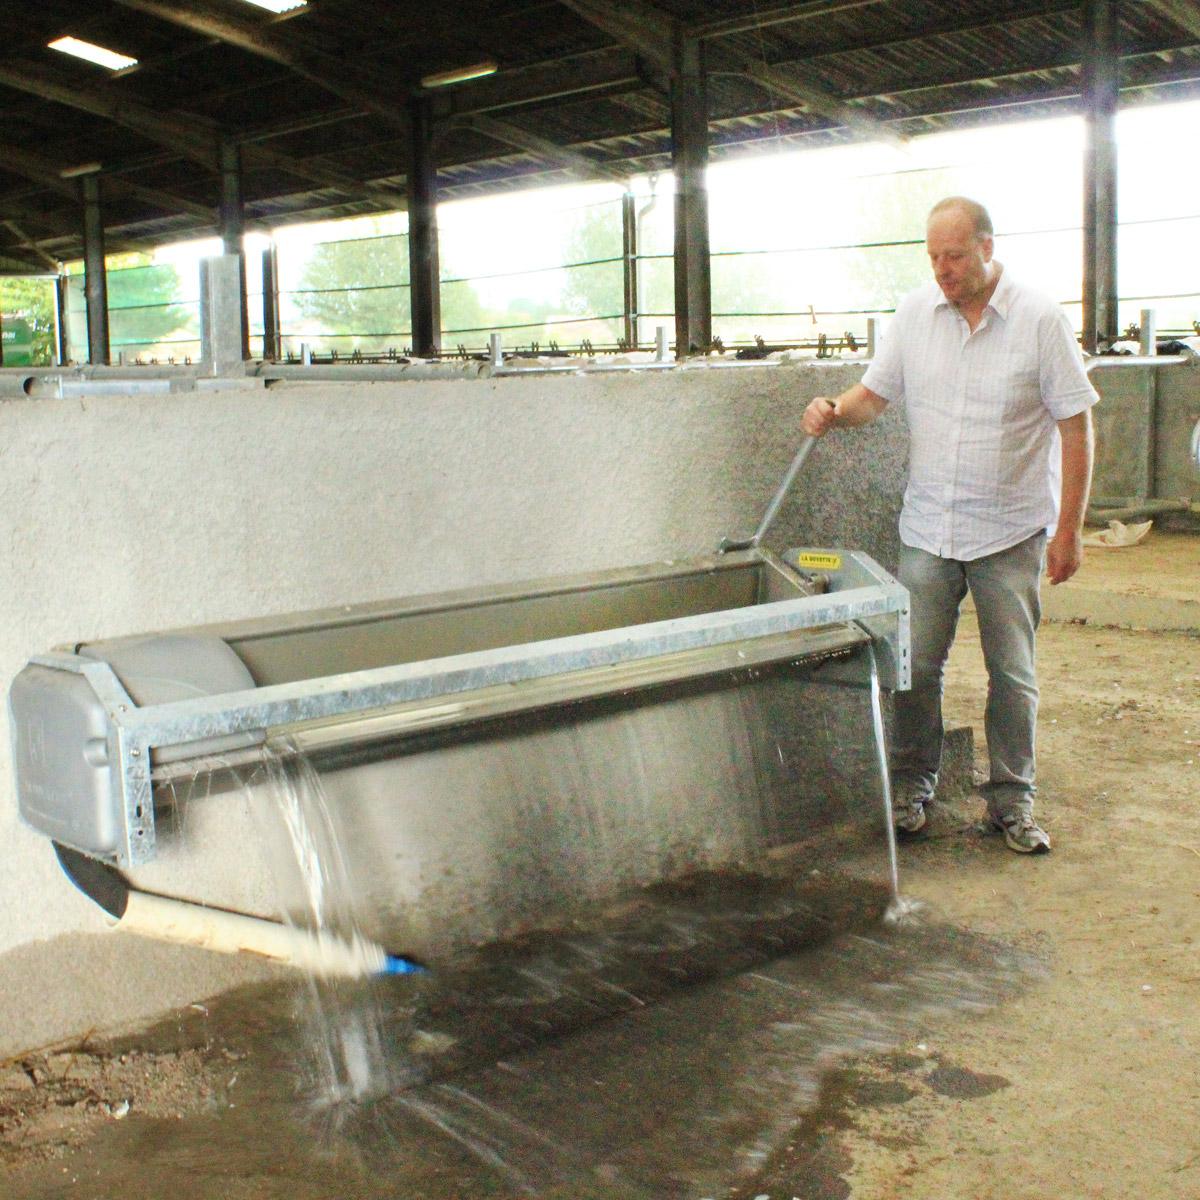 KIPPTRÄNKEN LB230 für Milchkühe